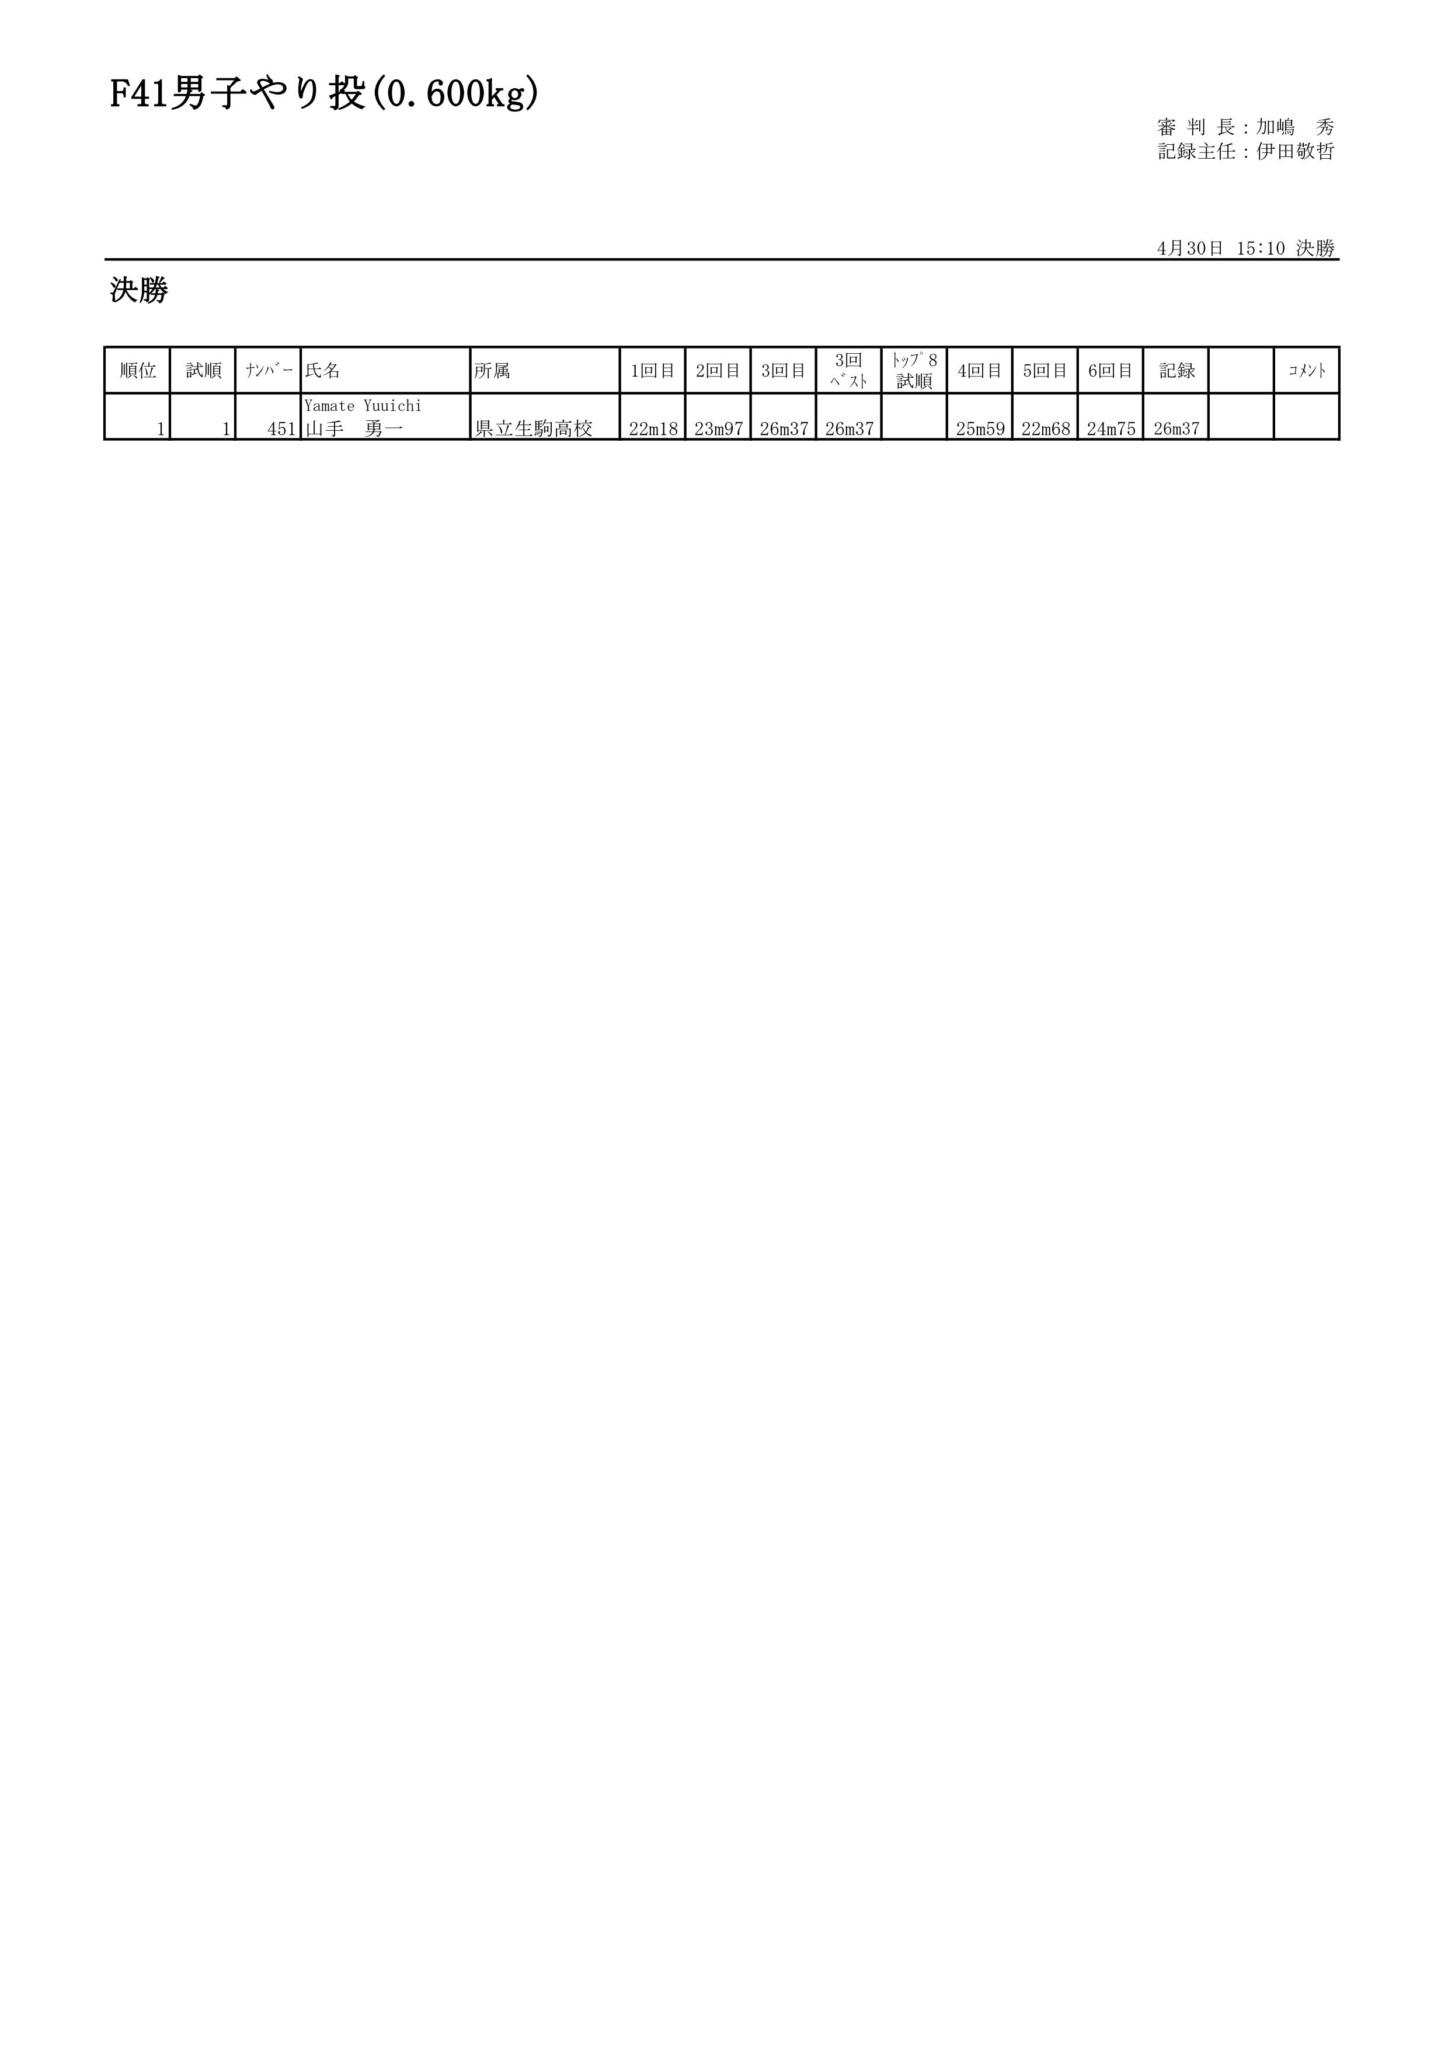 115F41男子やり投(0.600kg)_01